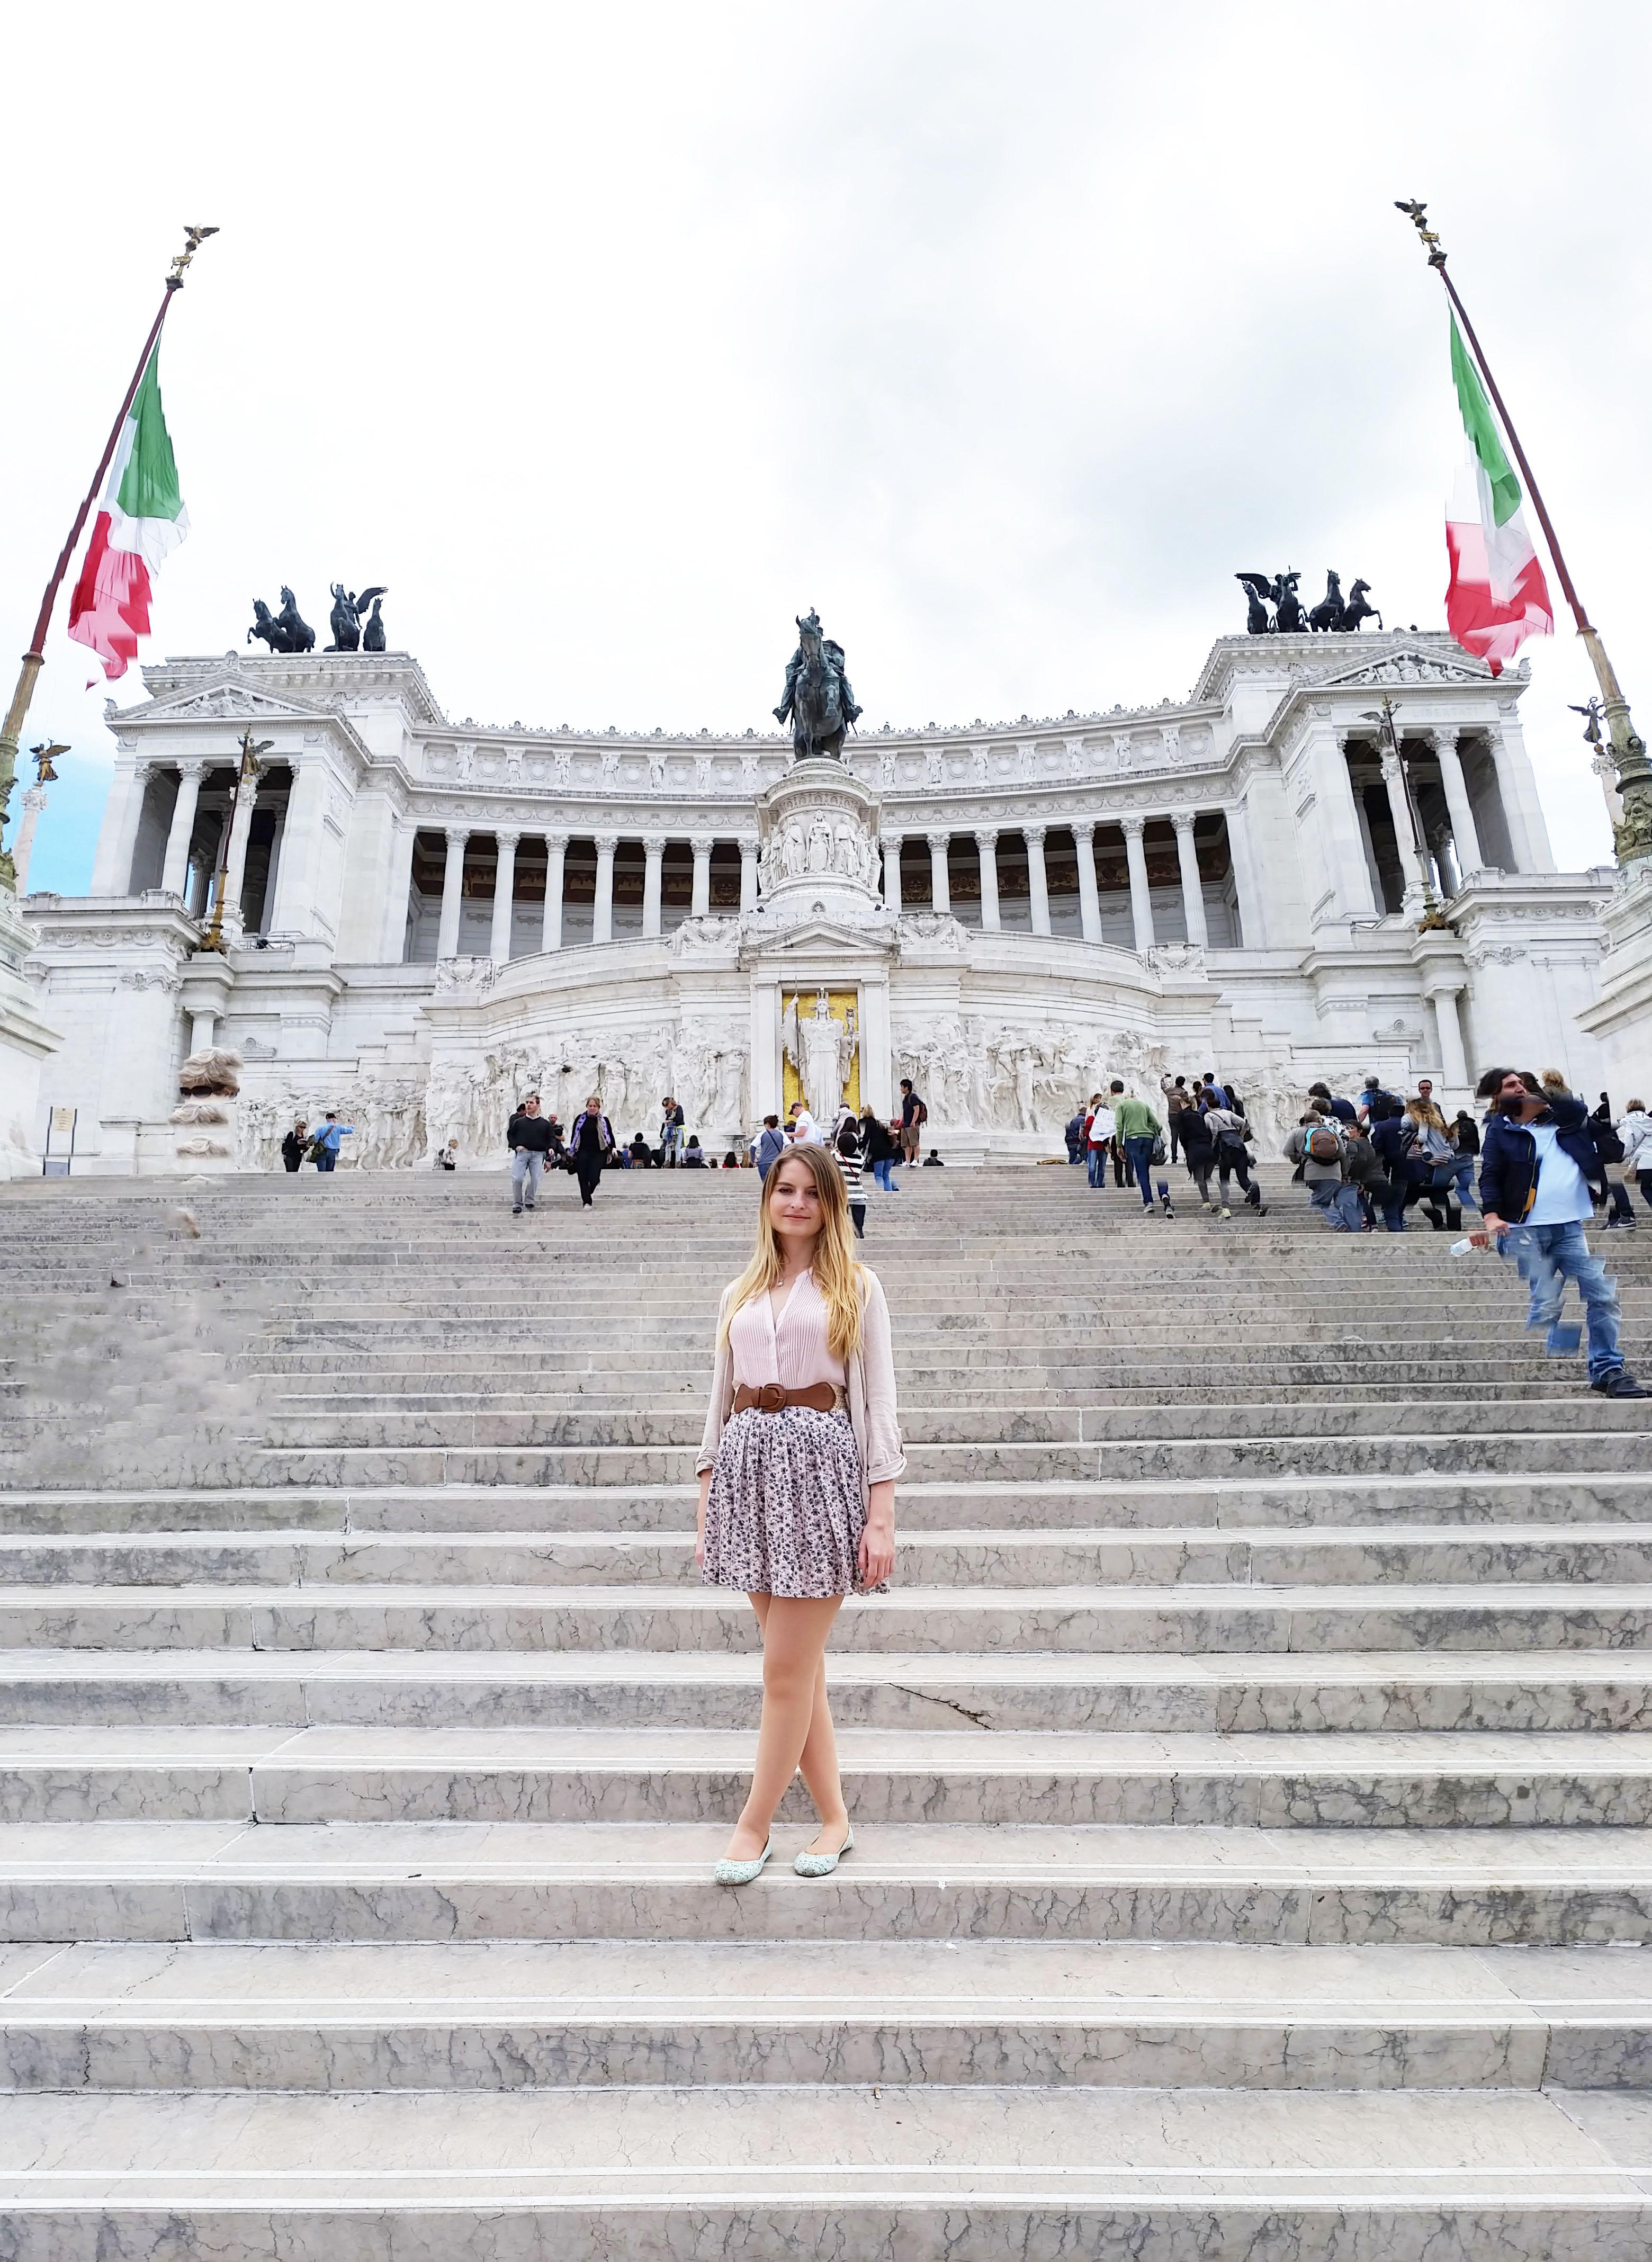 Visiter les grandes places de Rome